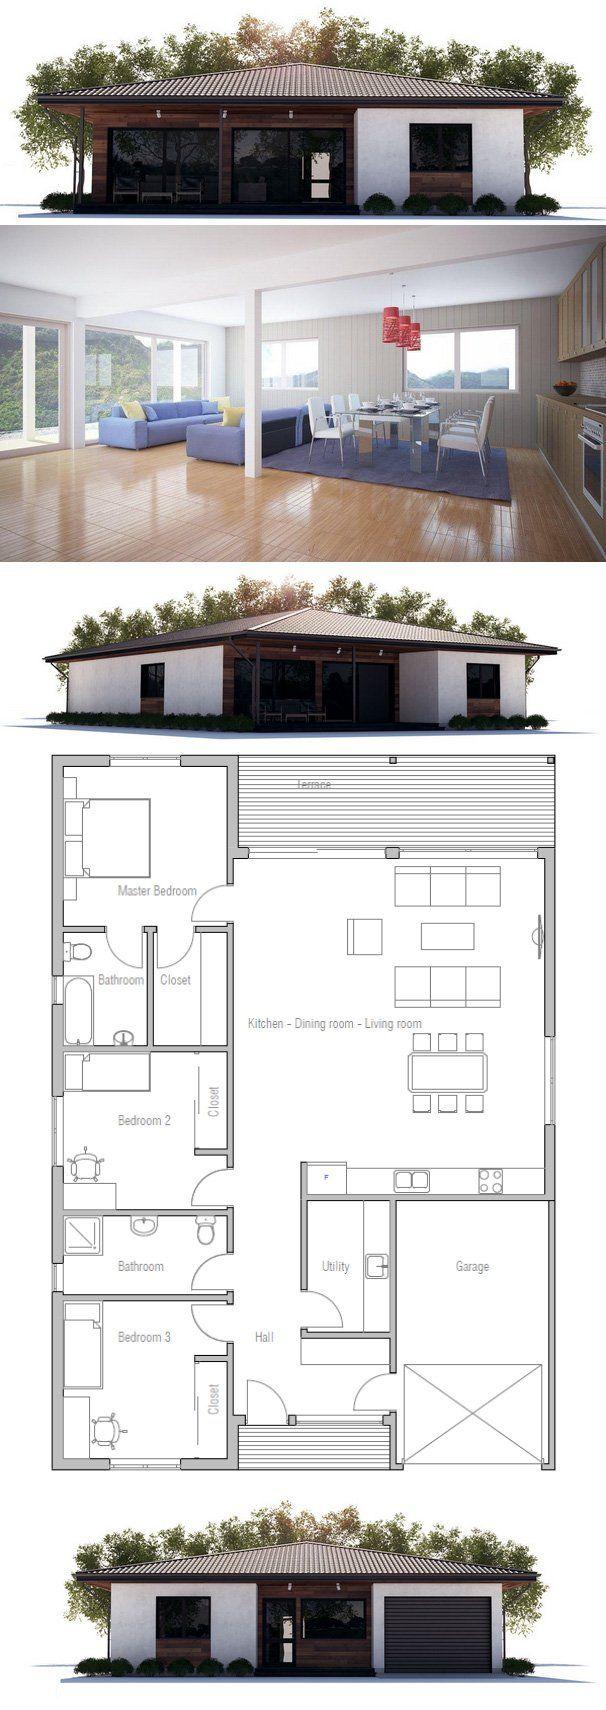 Small House Floor Plan Small House Floor